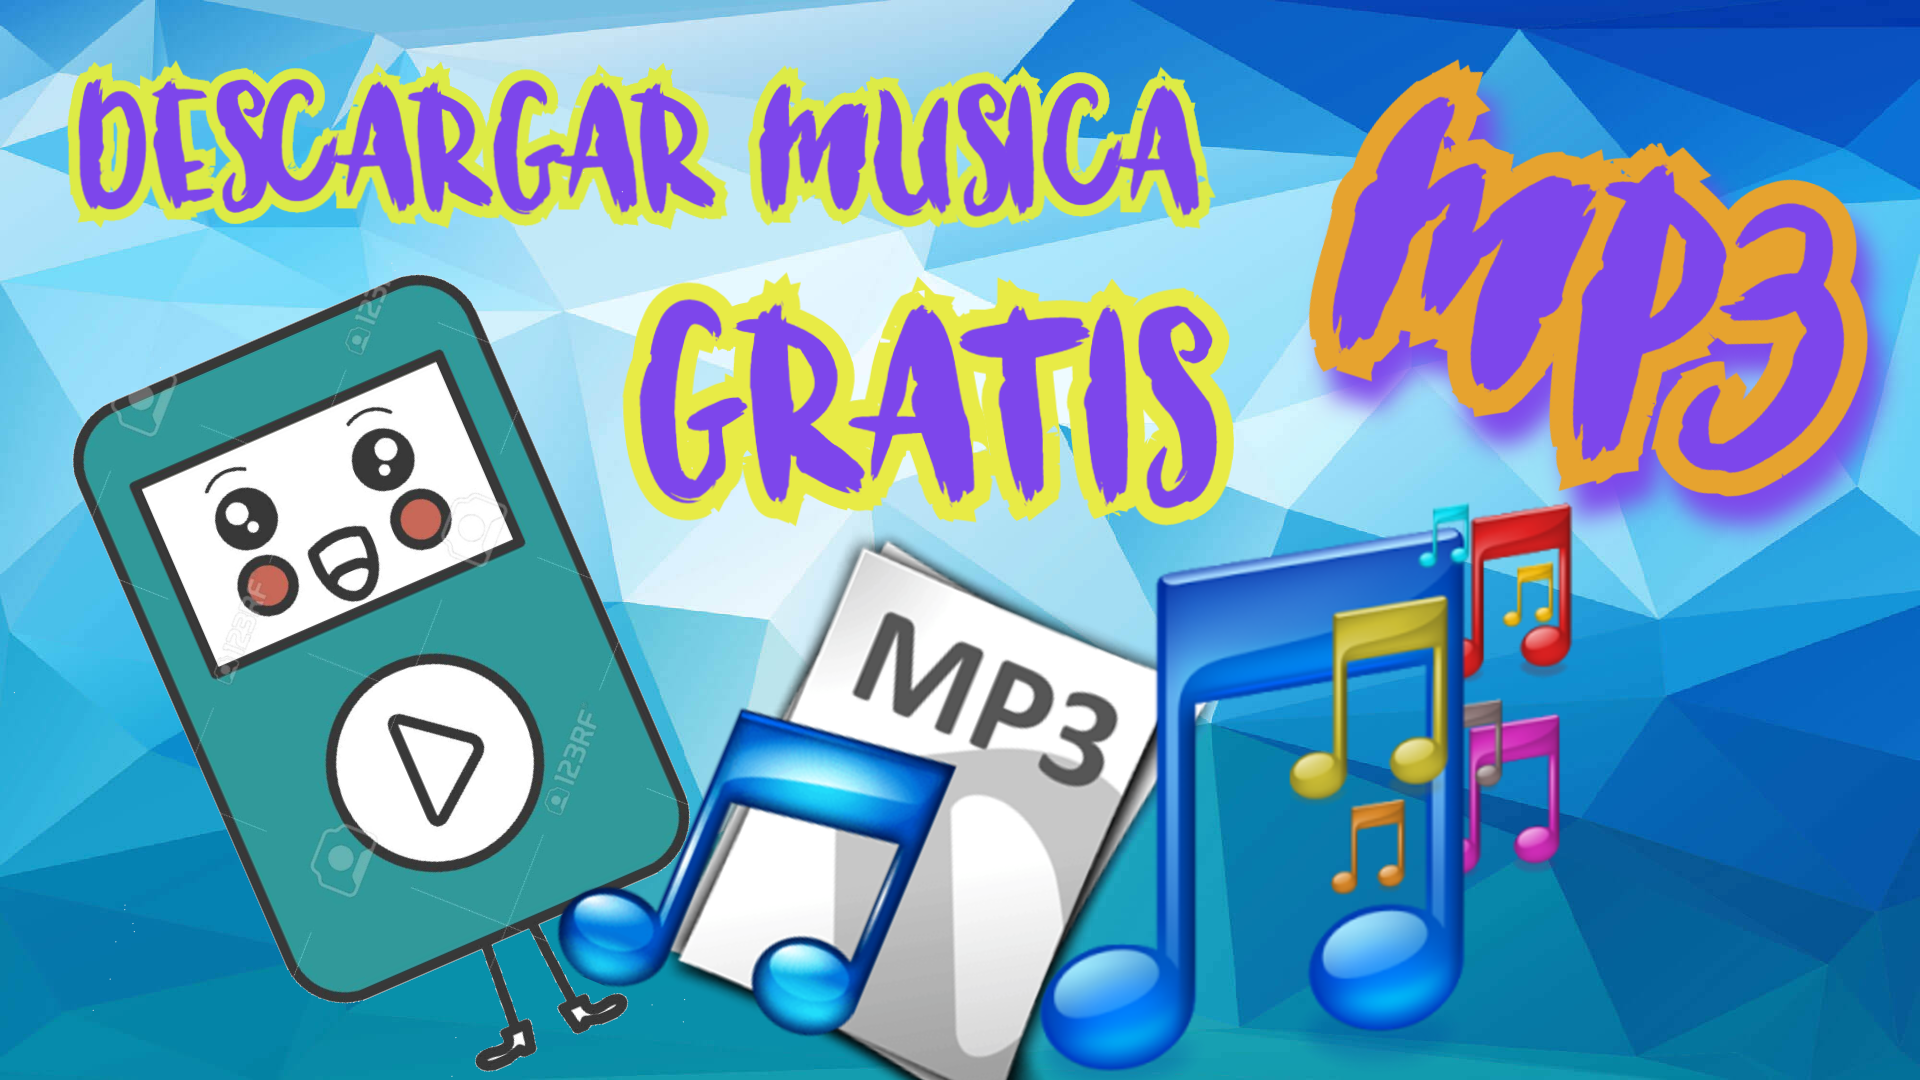 Descargar Musica Mp3 Gratis 2020 Descargar Música Musica Canciones